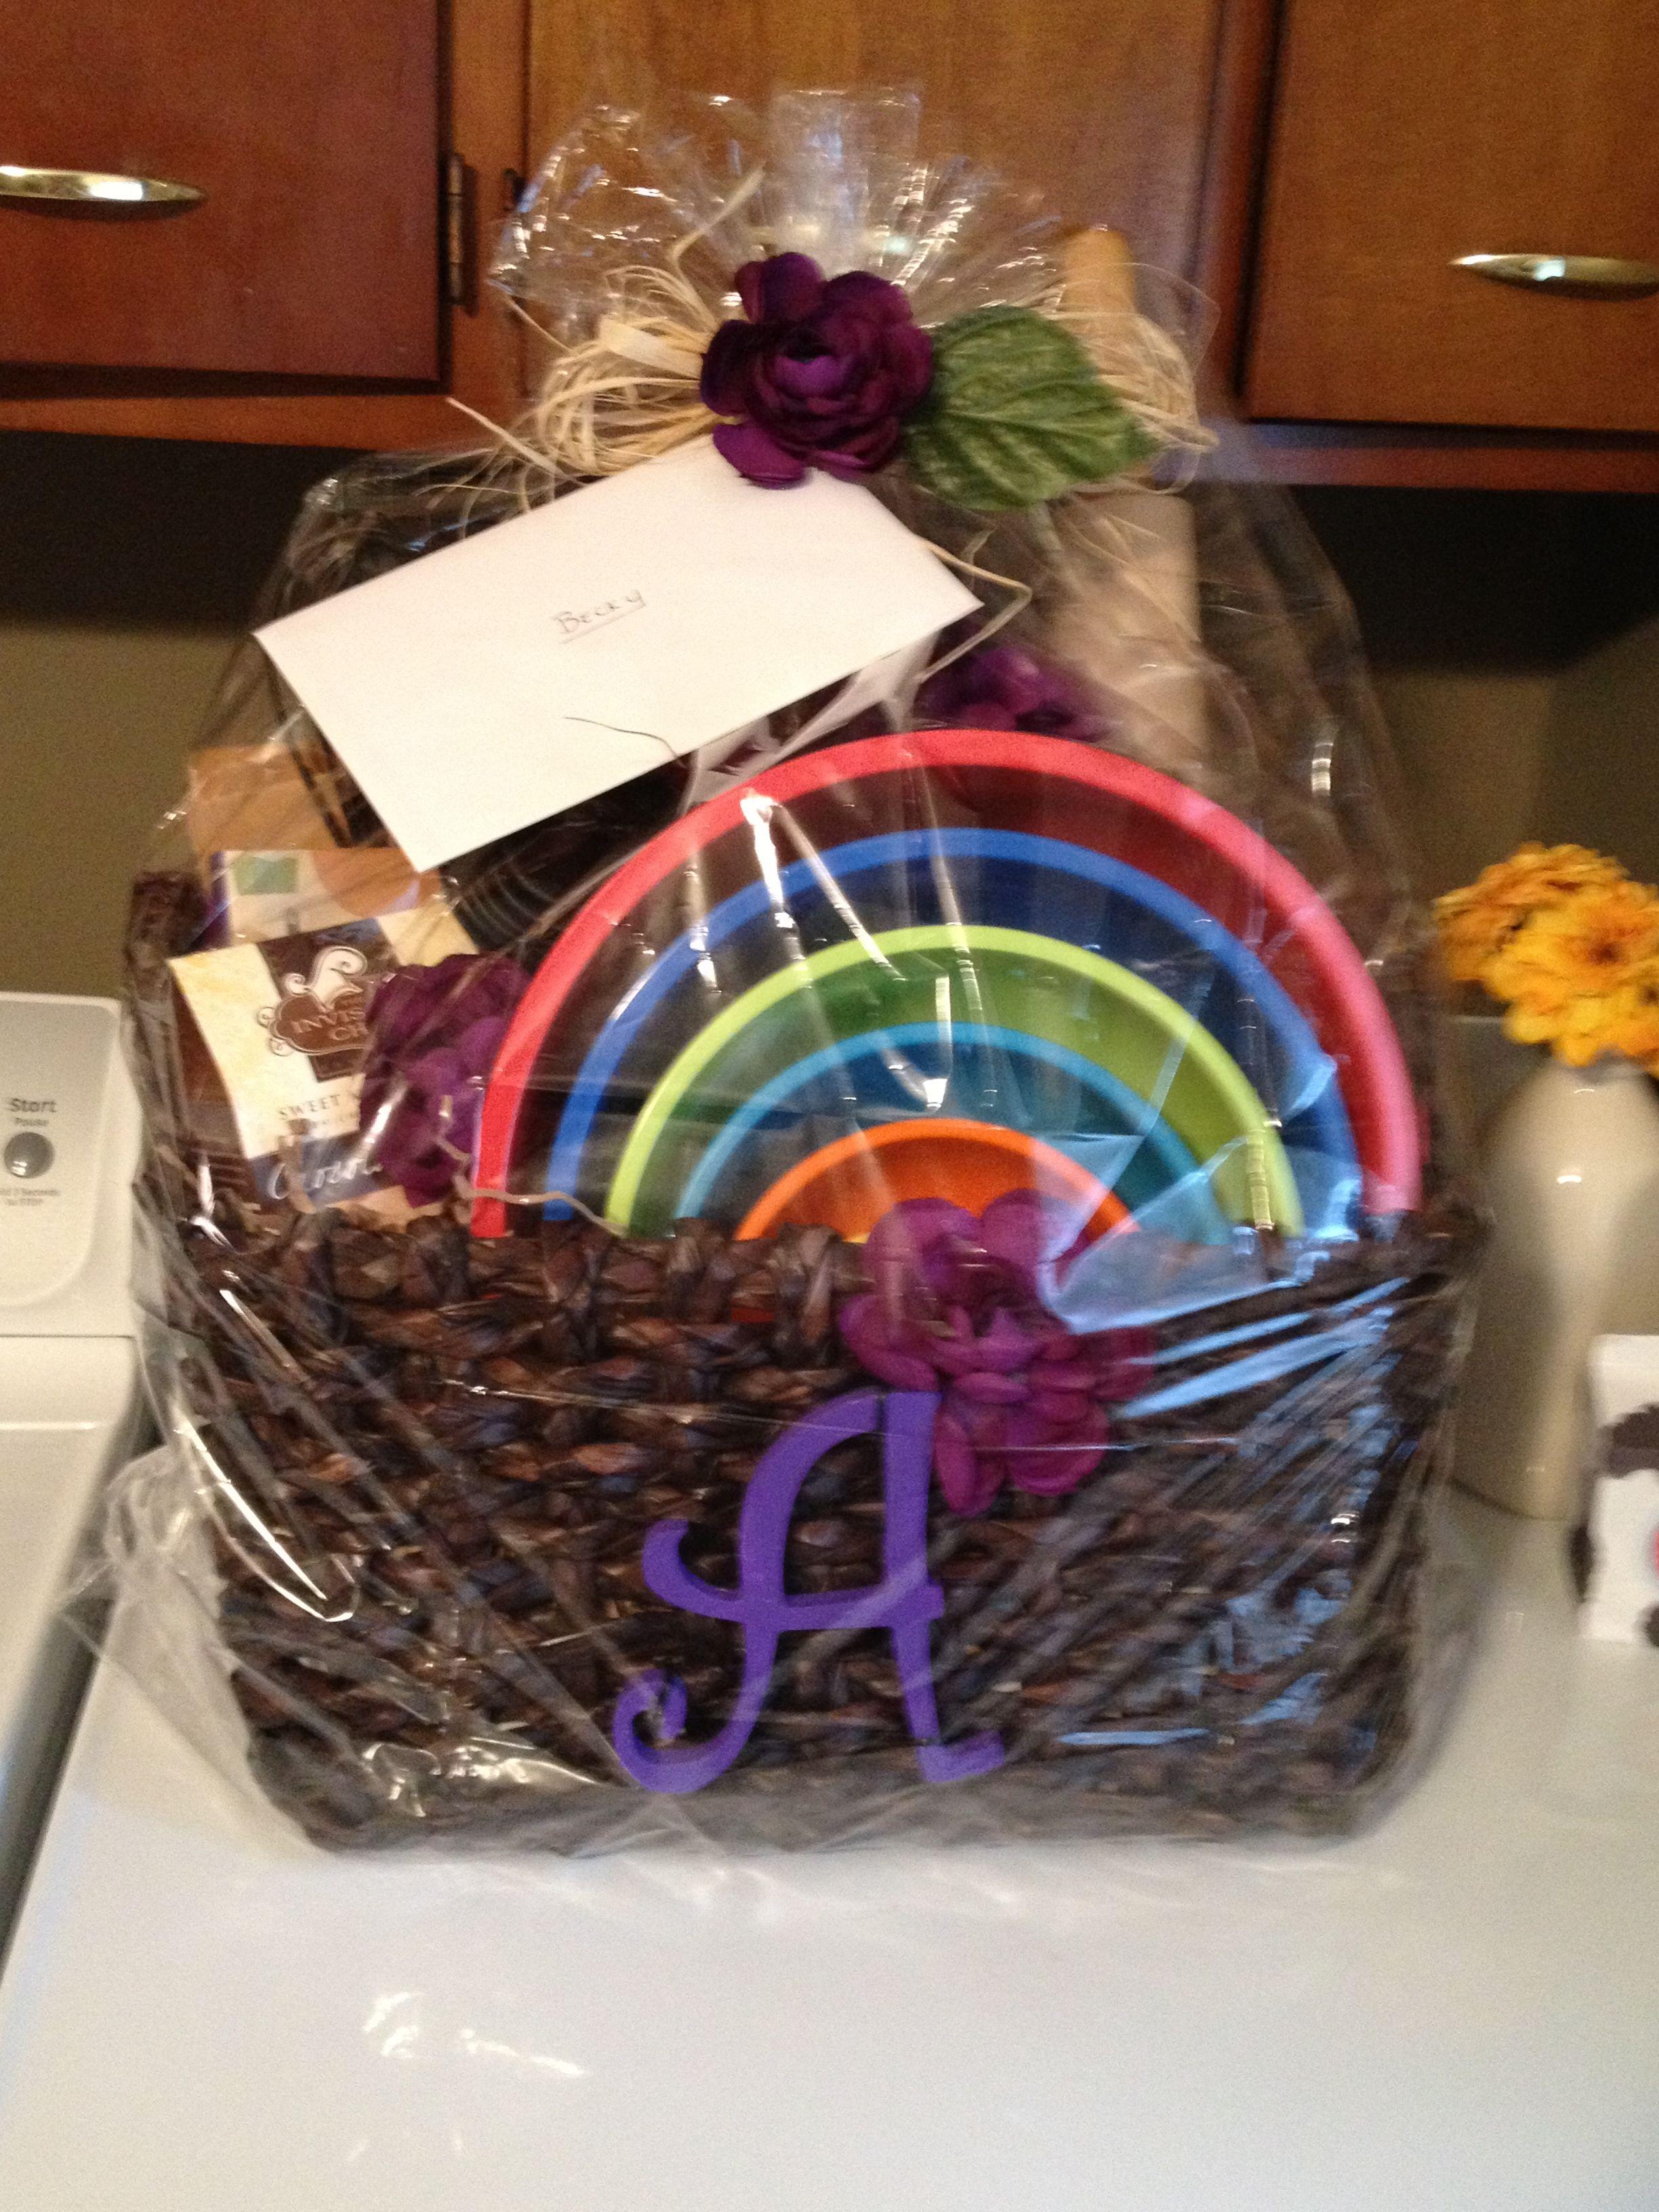 Cute Wedding Gift Basket Ideas : Bridal shower basket cute crafty gift ideas Pinterest